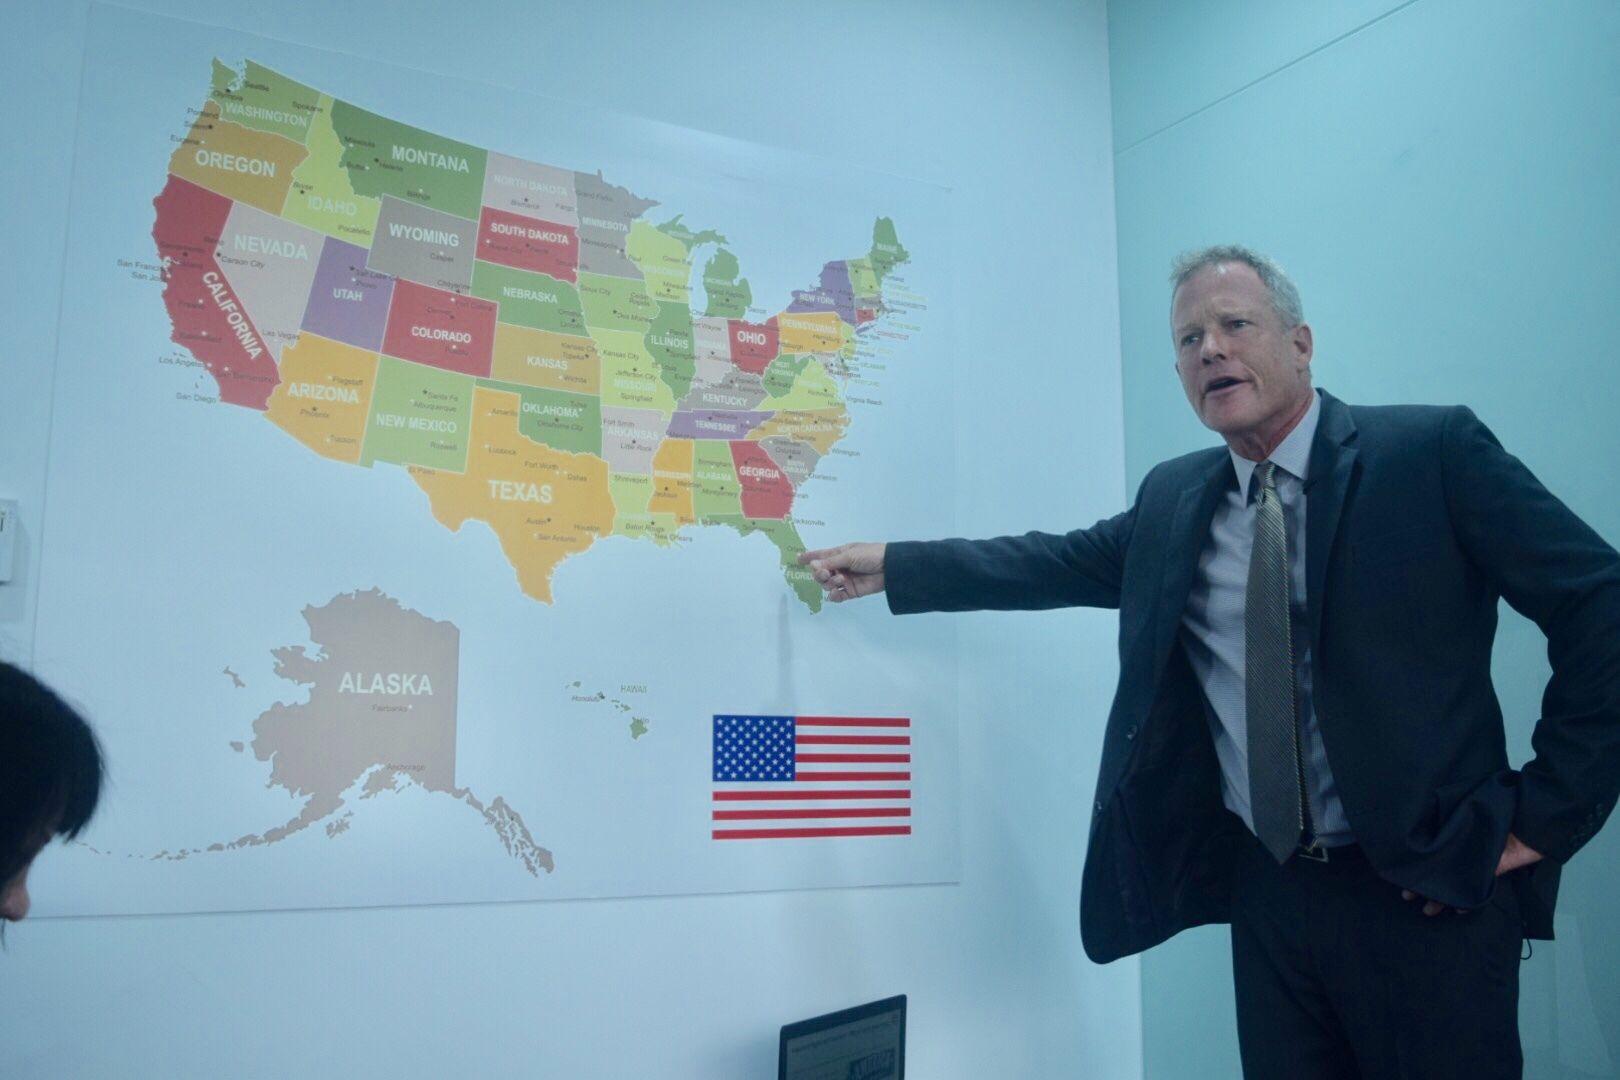 Luật pháp Mỹ bảo vệ nhà đầu tư thế nào?